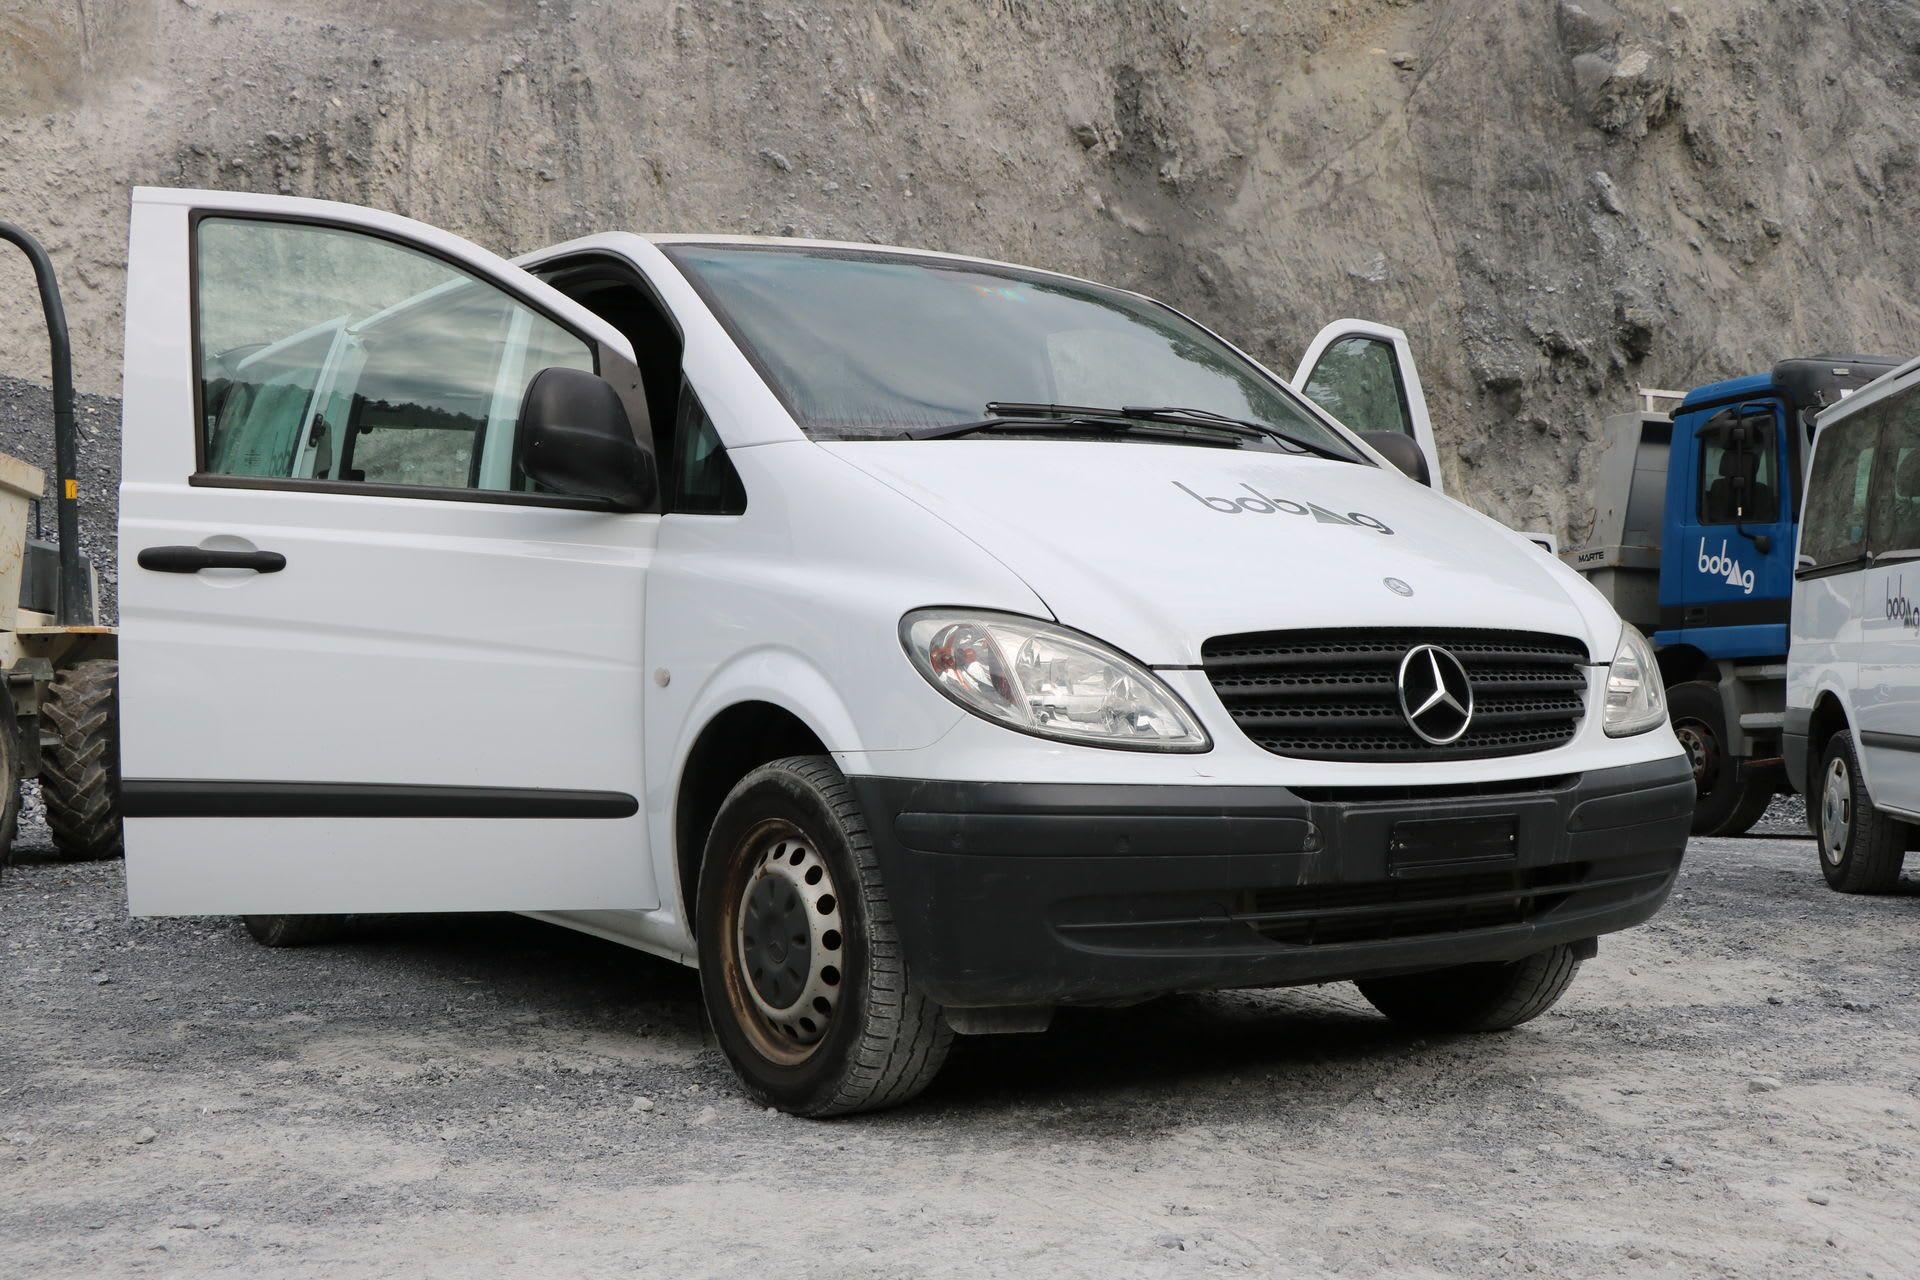 MERCEDES BENZ VITO 111 CDI Lieferwagen